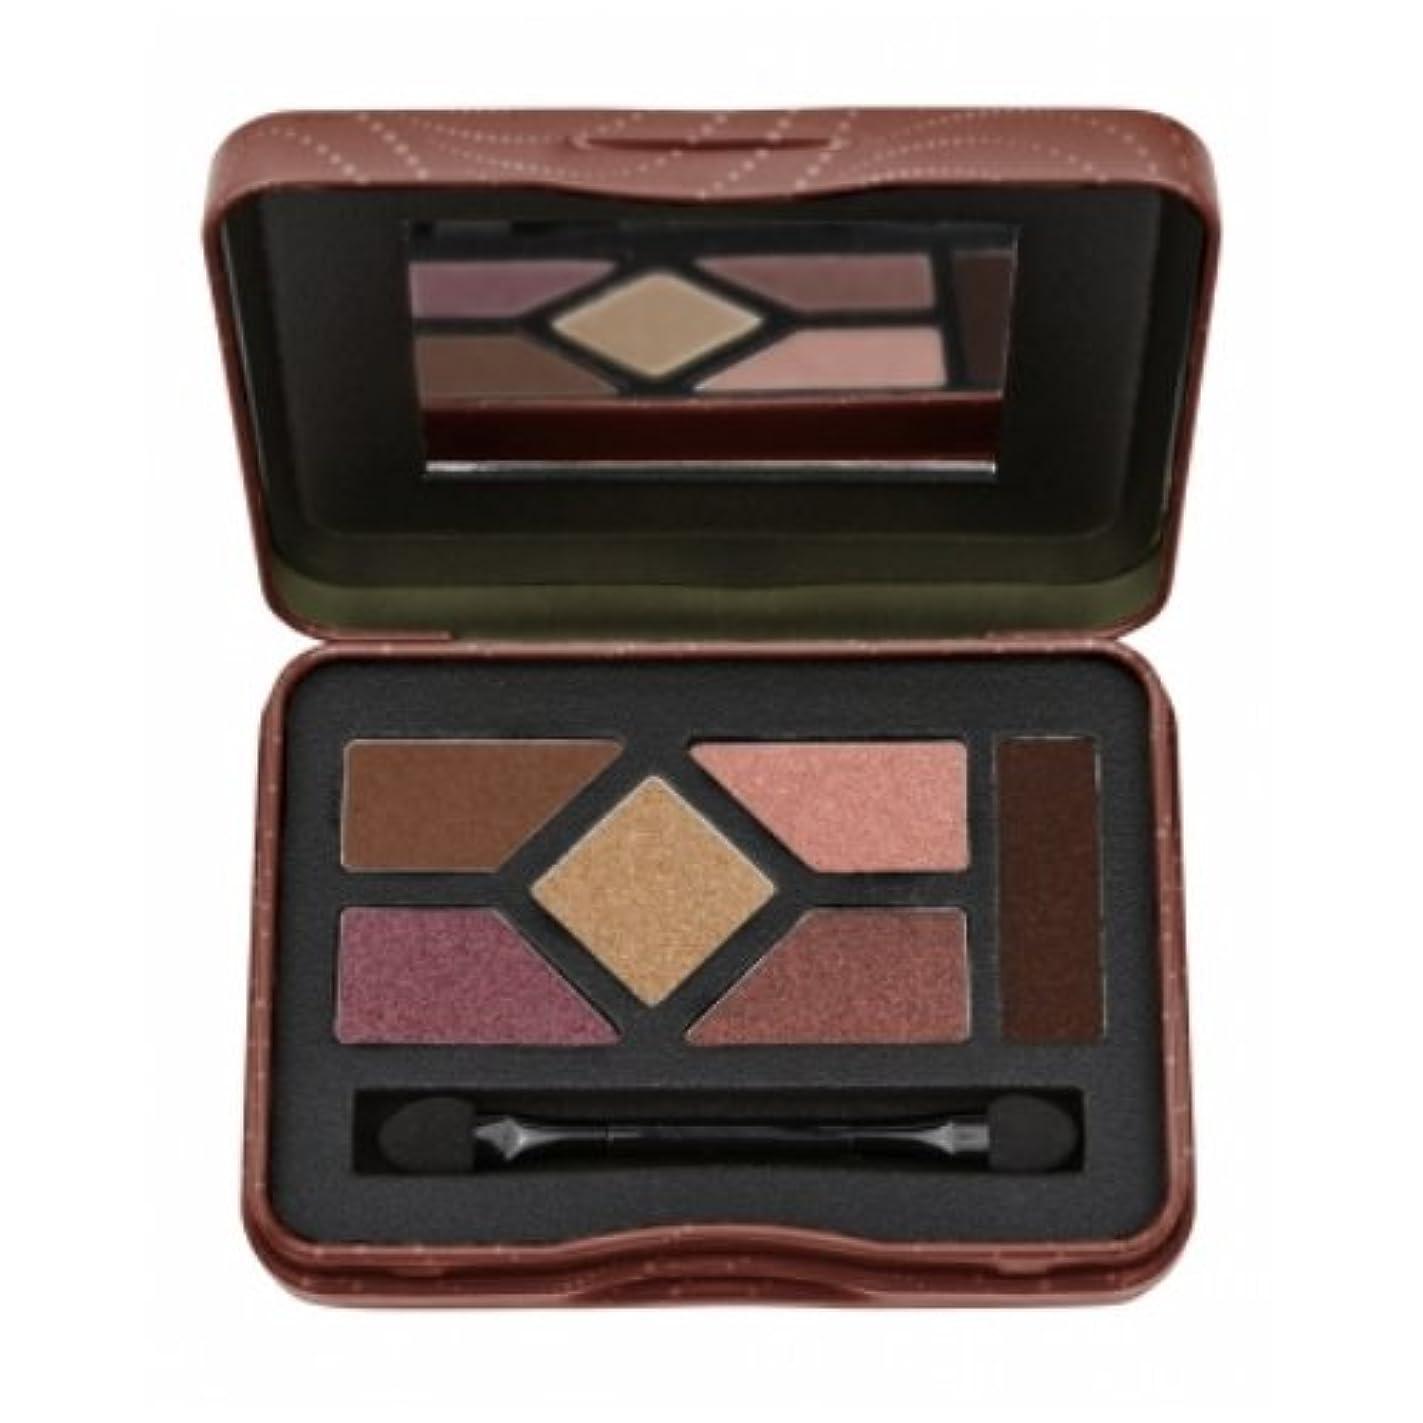 悲惨な確認する効能ある(3 Pack) LA Girl Inspiring Eyeshadow Palette - Be Bold & Beautiful (並行輸入品)